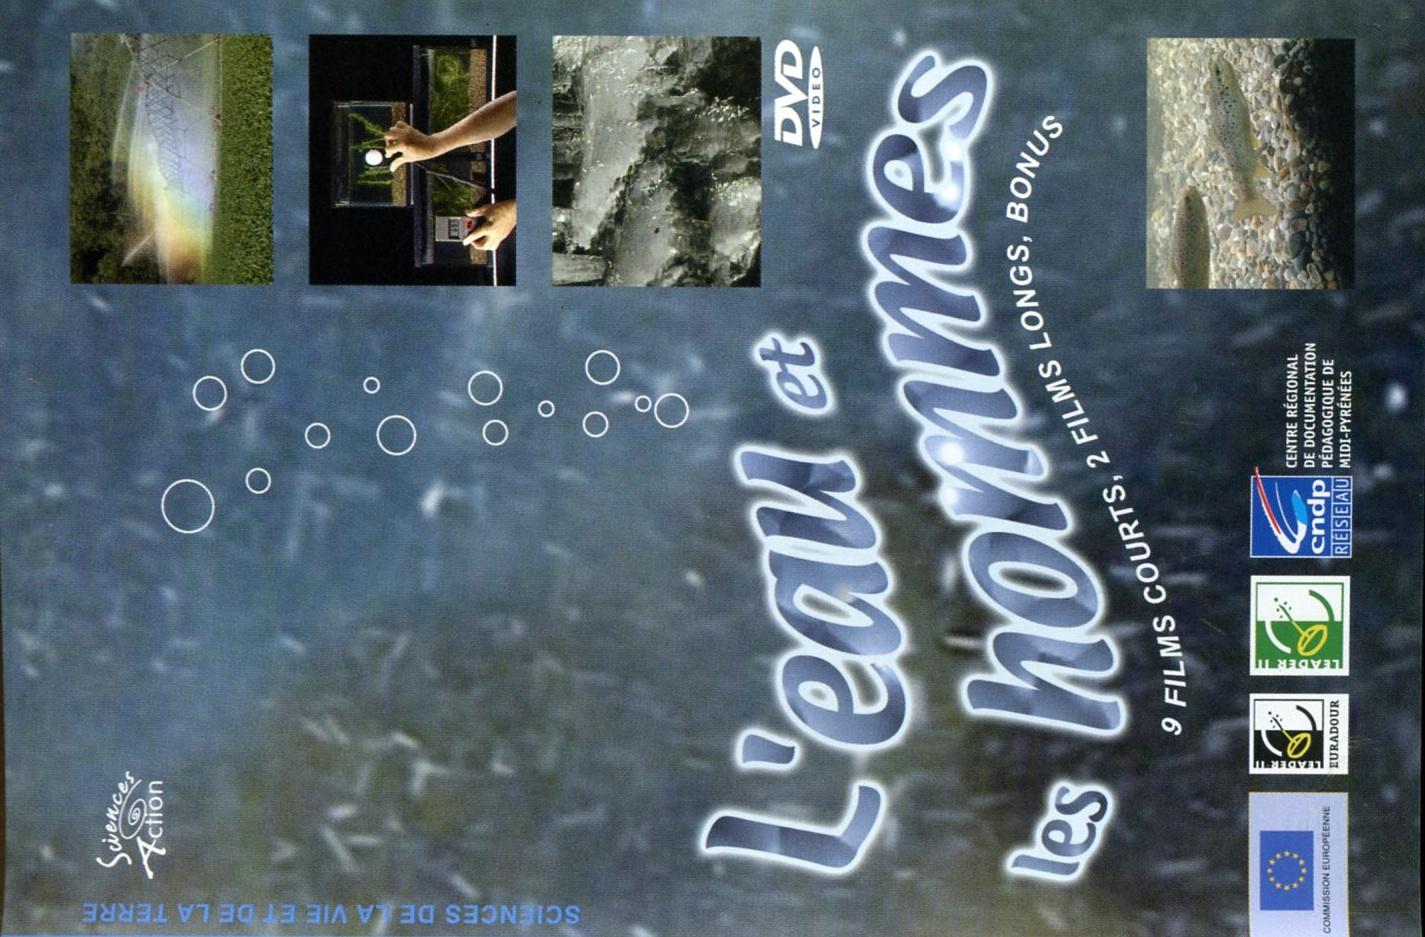 l_eau_et_les_hommes.jpg - image/jpeg